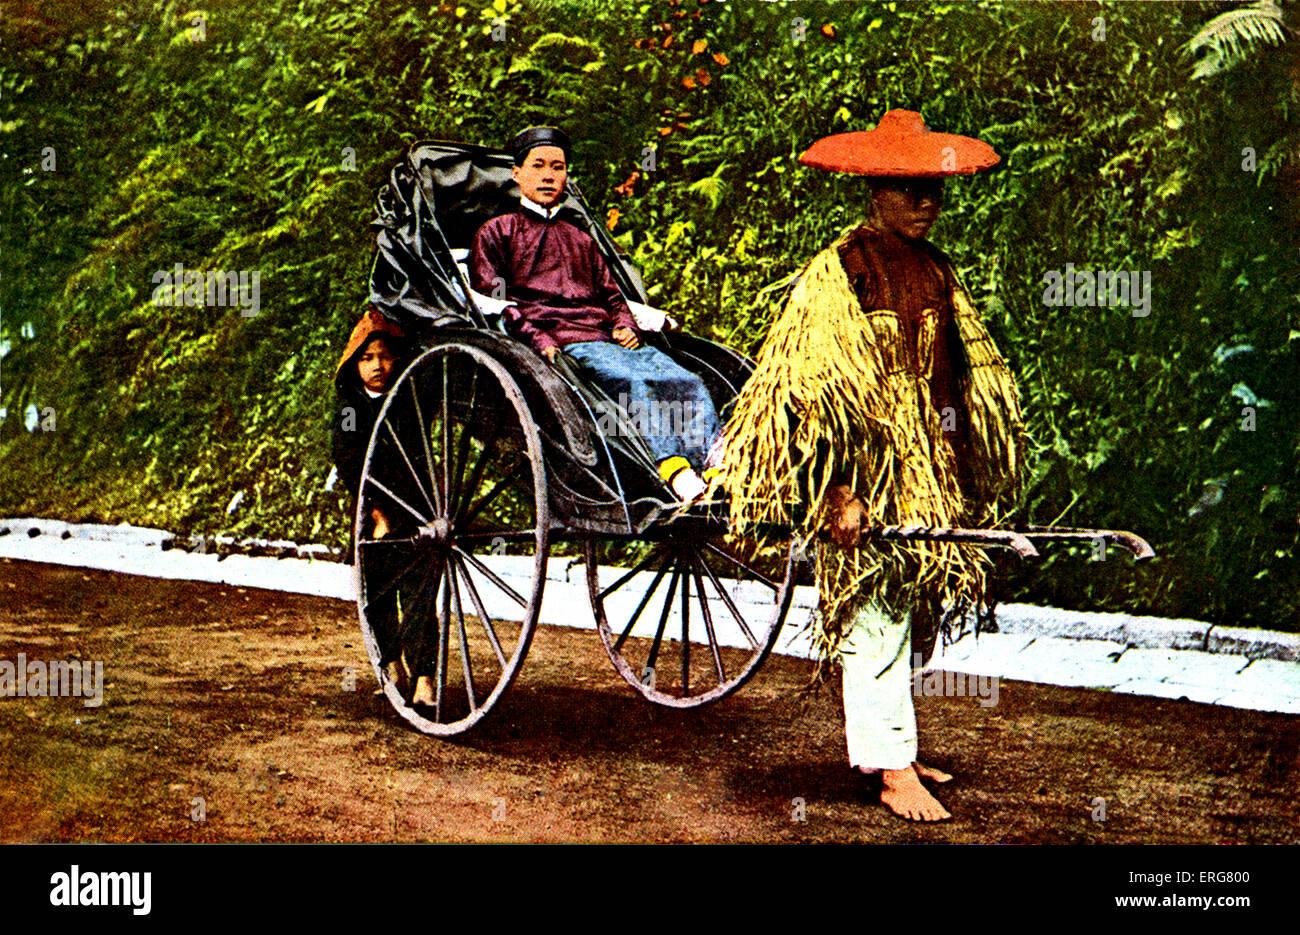 Chinese rickshaw - early 1900s. Probably Hong Kong. Stock Photo